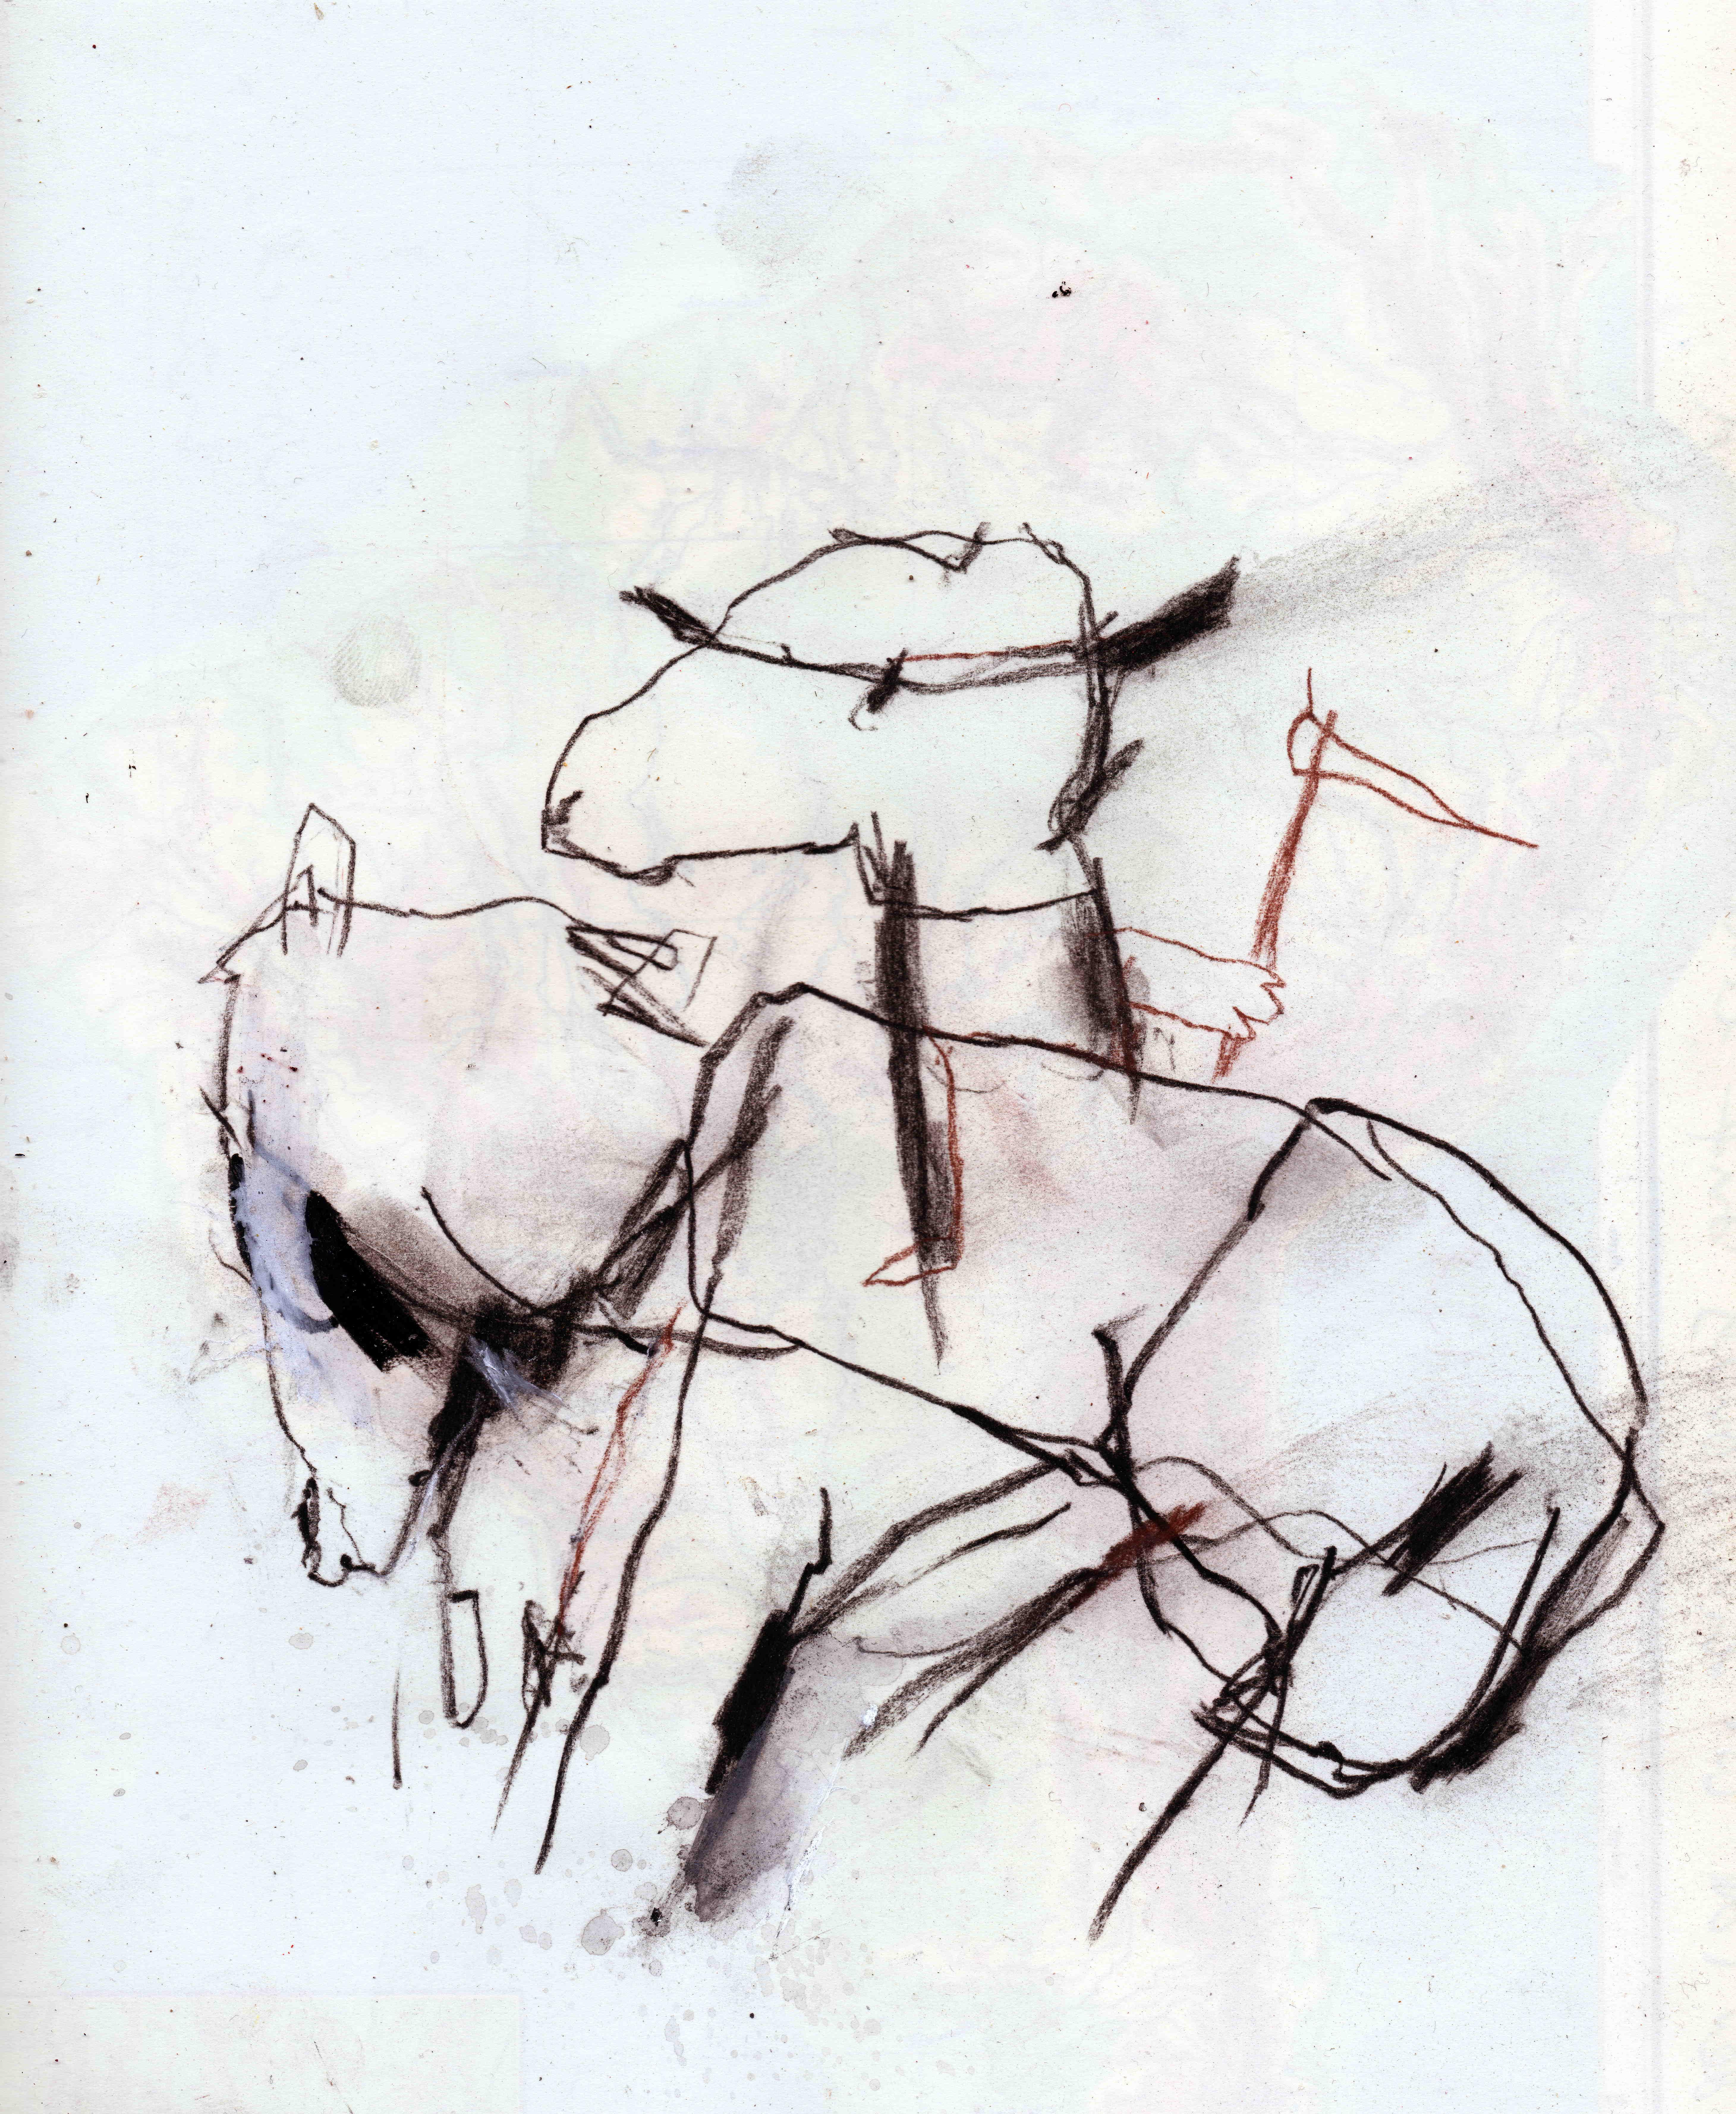 Der Tod ist ein Dandy auf einem Pferd, mixed media on paper, 22,1 x 26,1 cm, 2020 MC8